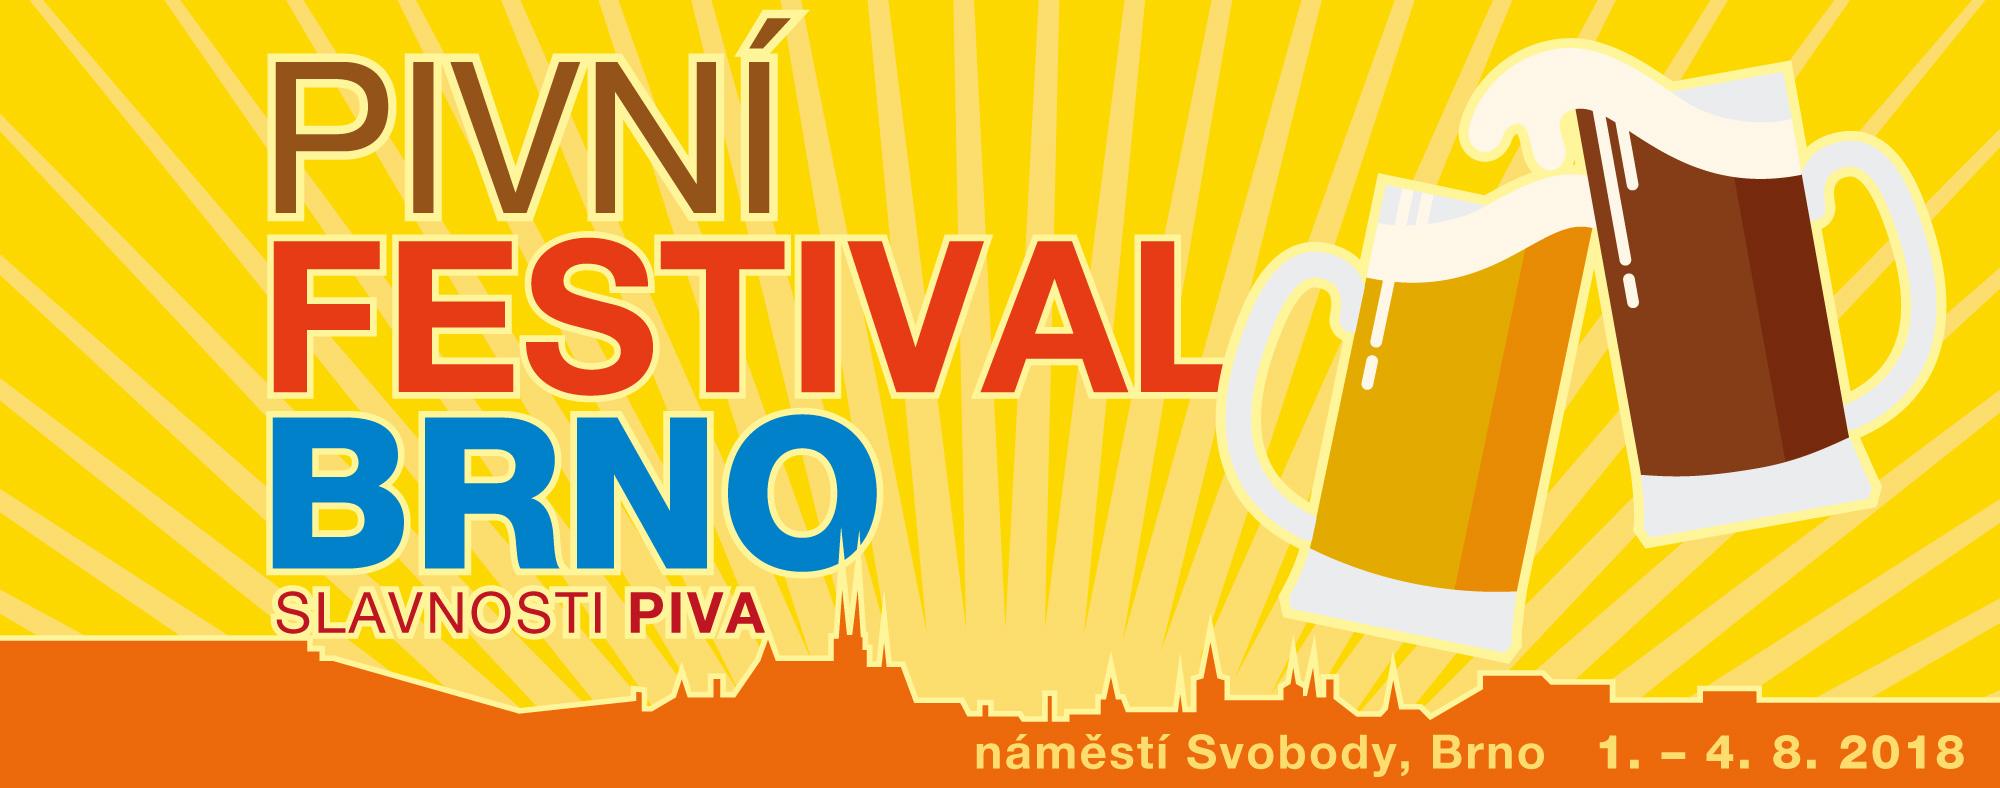 pivovari-pivovary-akce-pivni-festival-brno-2018